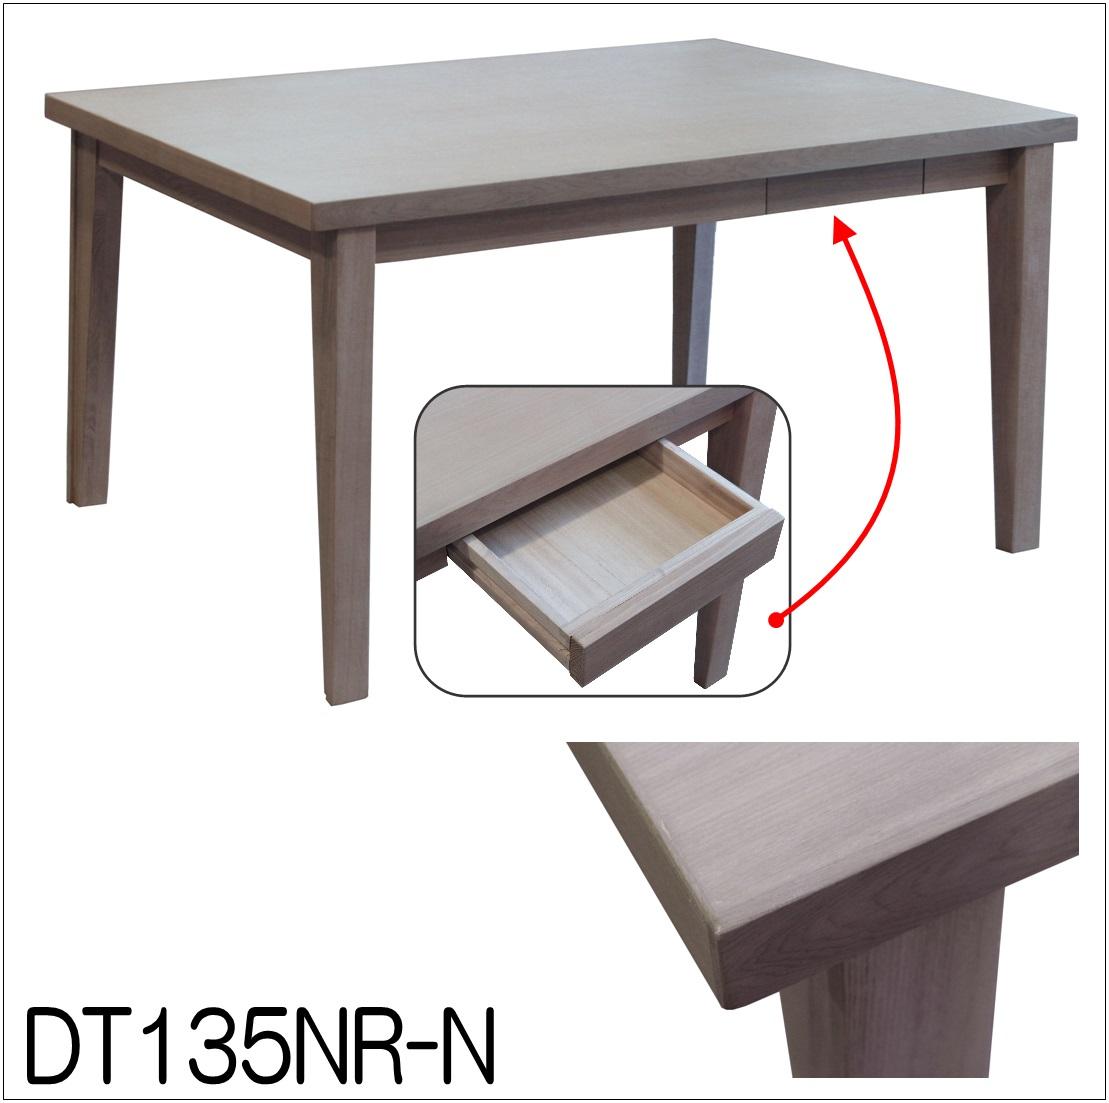 ダイニングテーブル 幅135cm ナチュラル【DT135-NR-N】タモ突板ウレタン塗装【脚部組立て式】【送料無料】